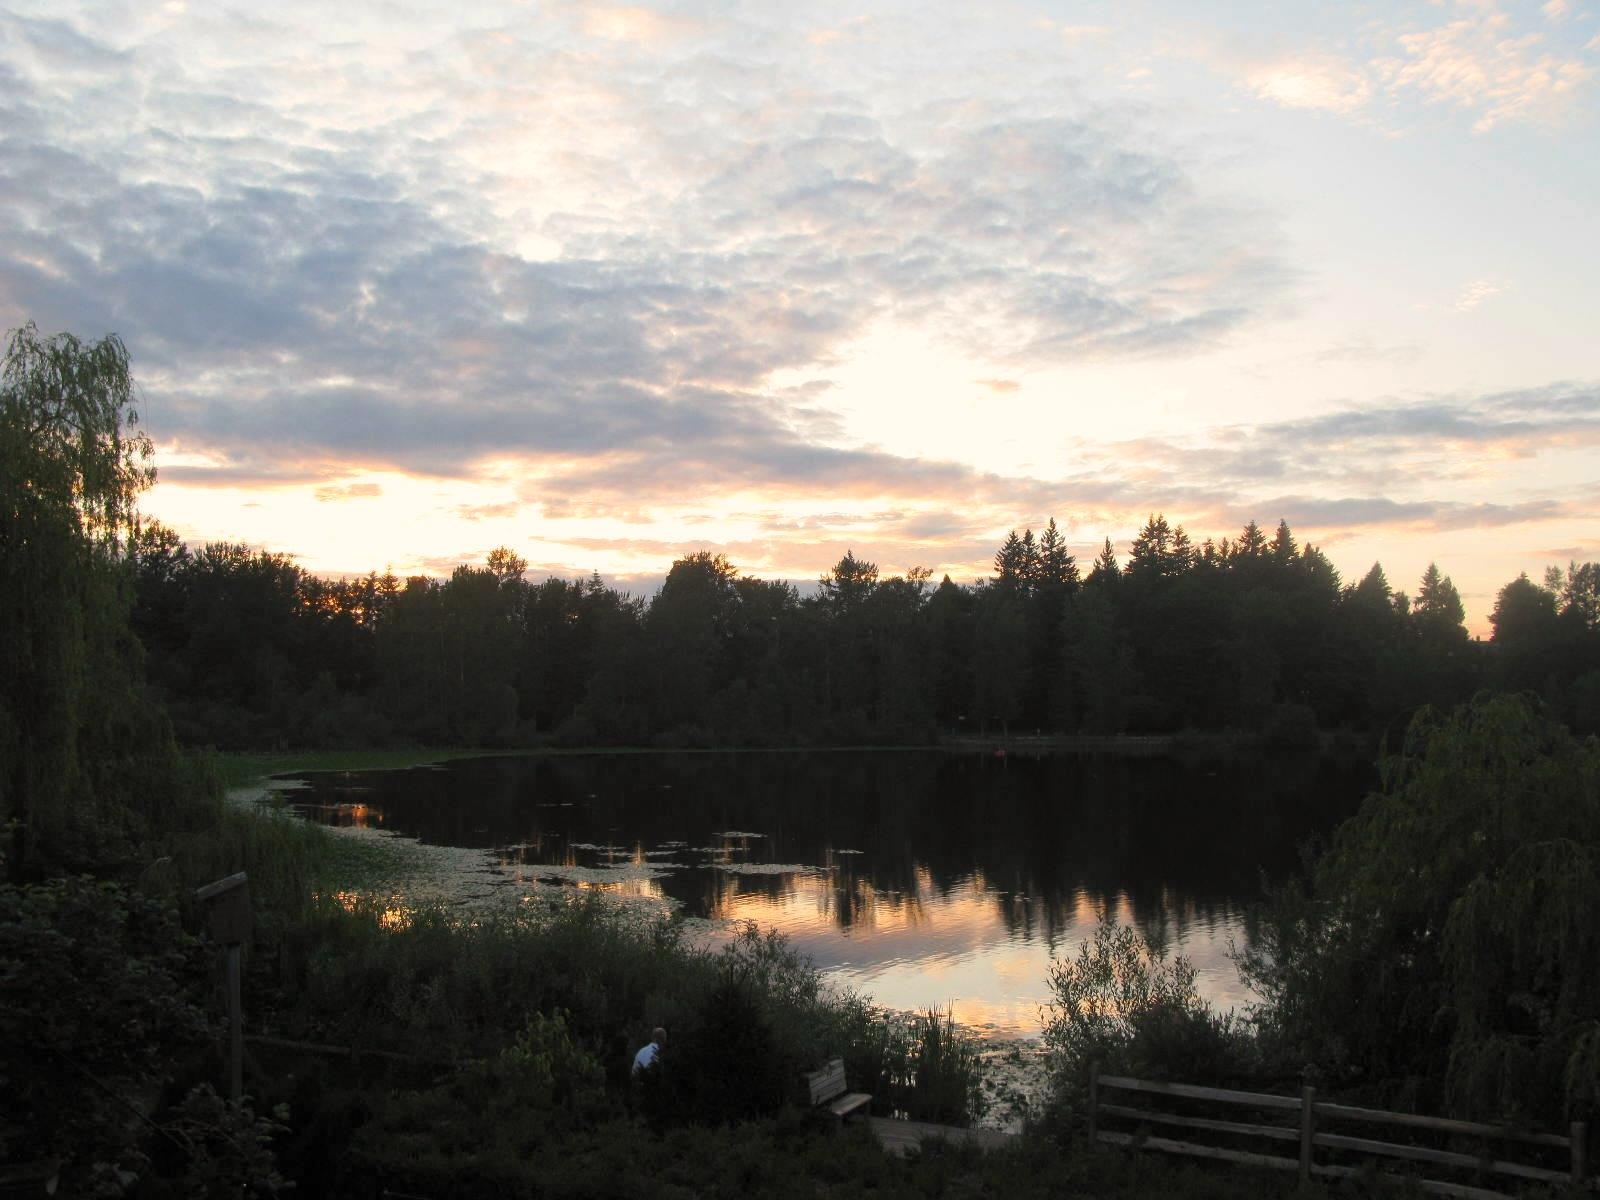 everson wa usa sunrise sunset times